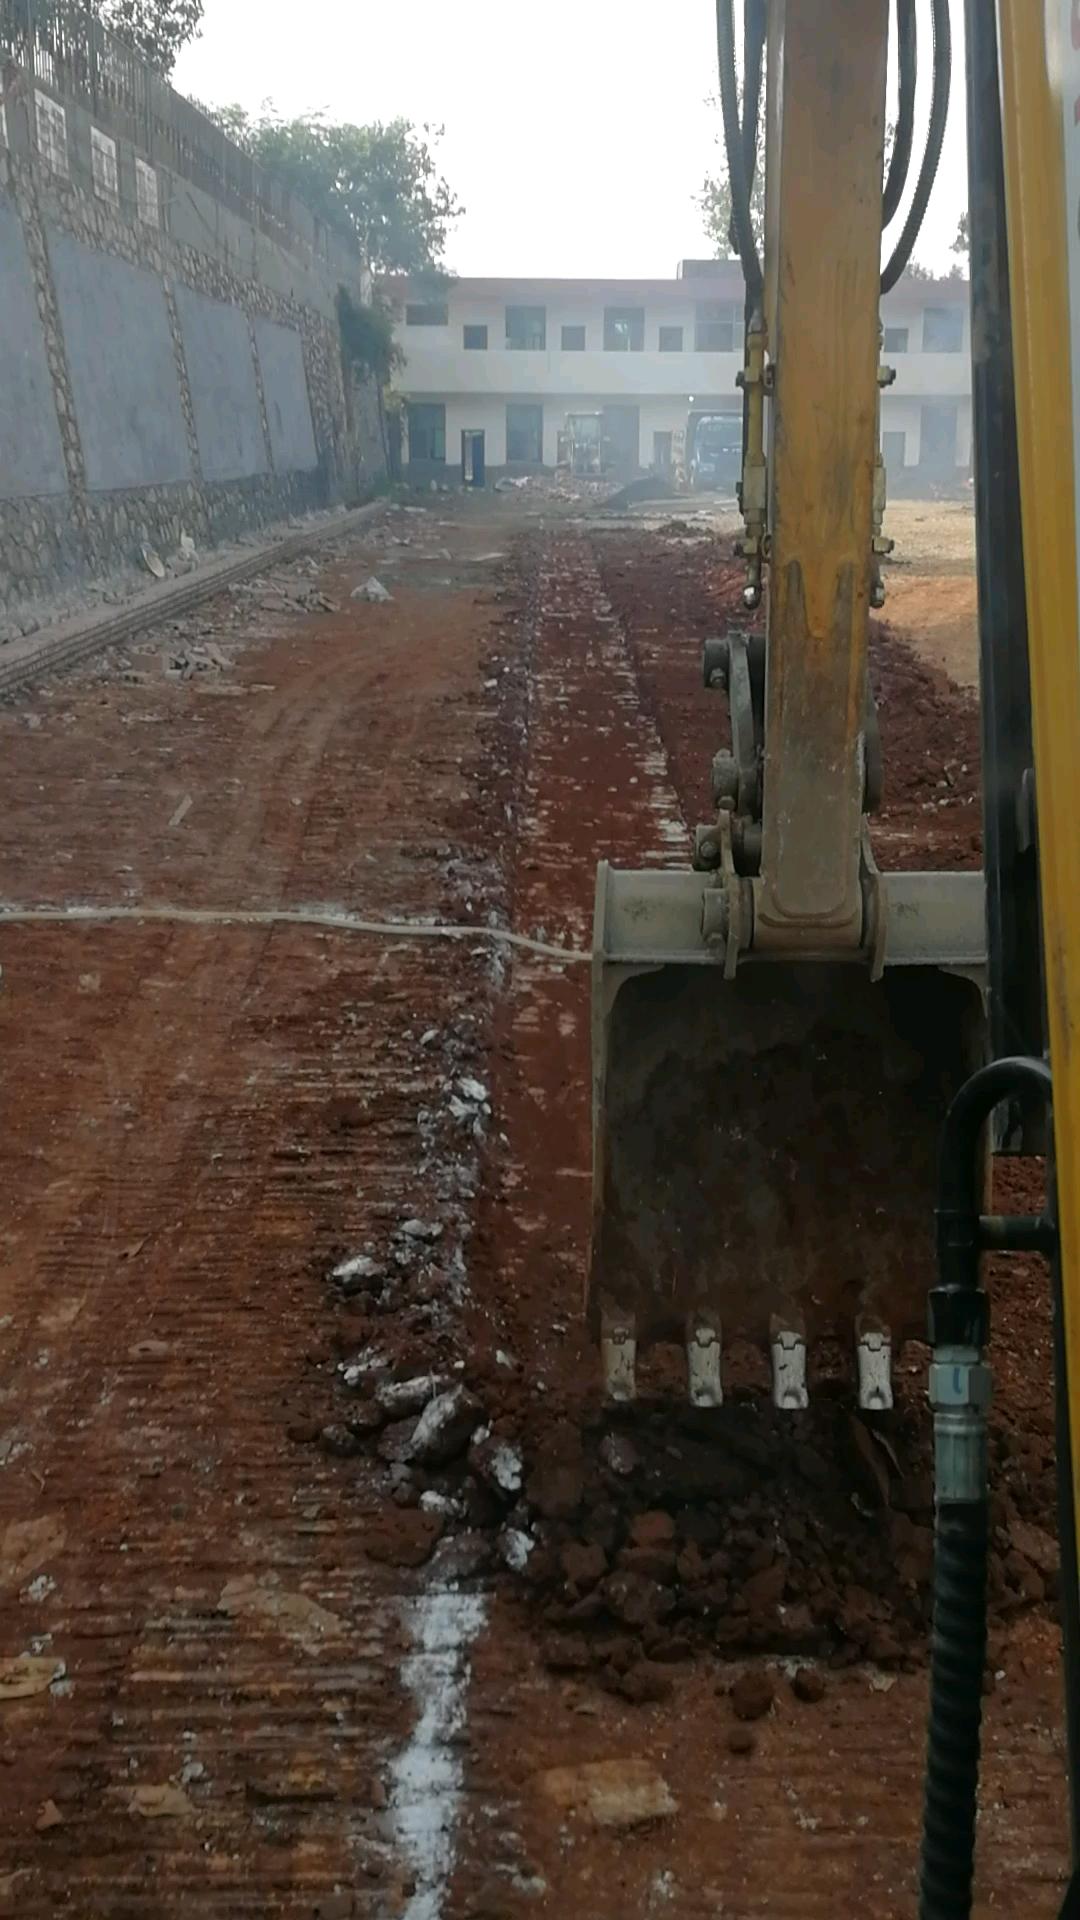 10厘米左右,这是我挖过最浅的沟了…